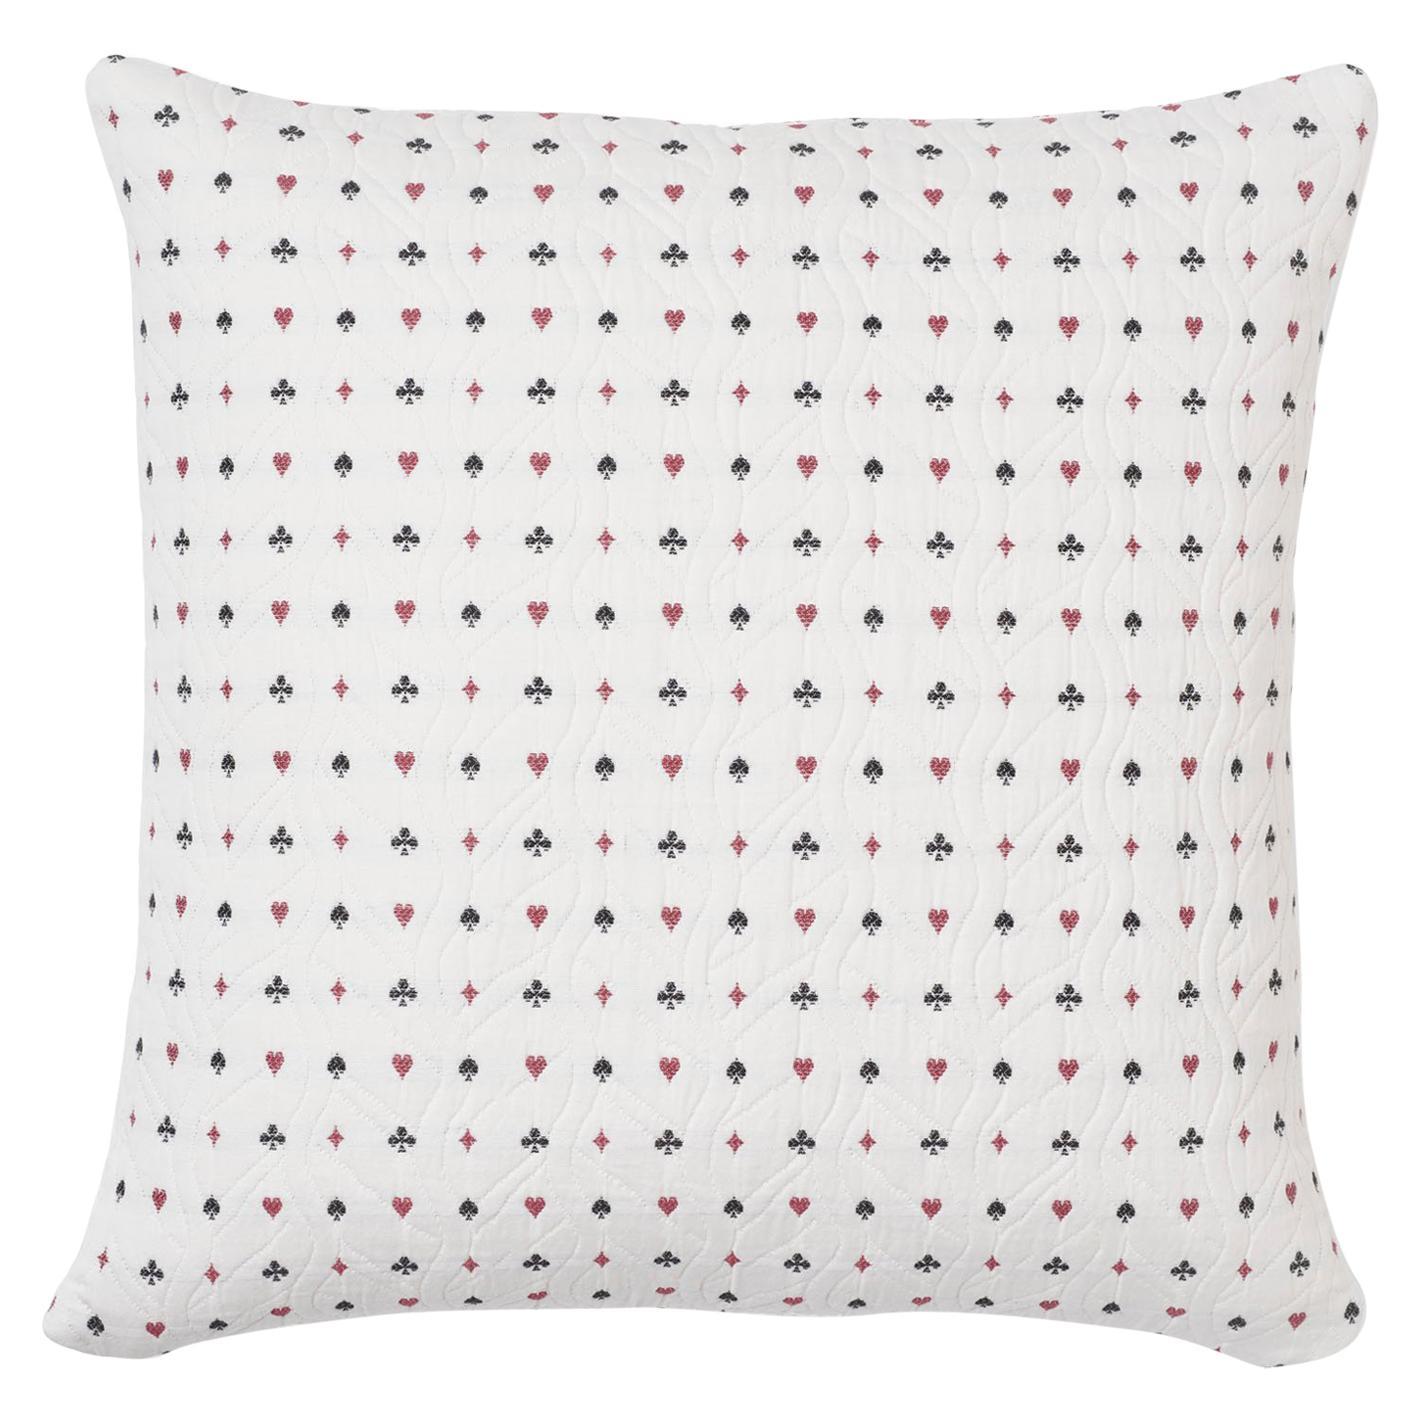 Schumacher Le Joueur Rouge Noir Two-Sided Cotton Pillow